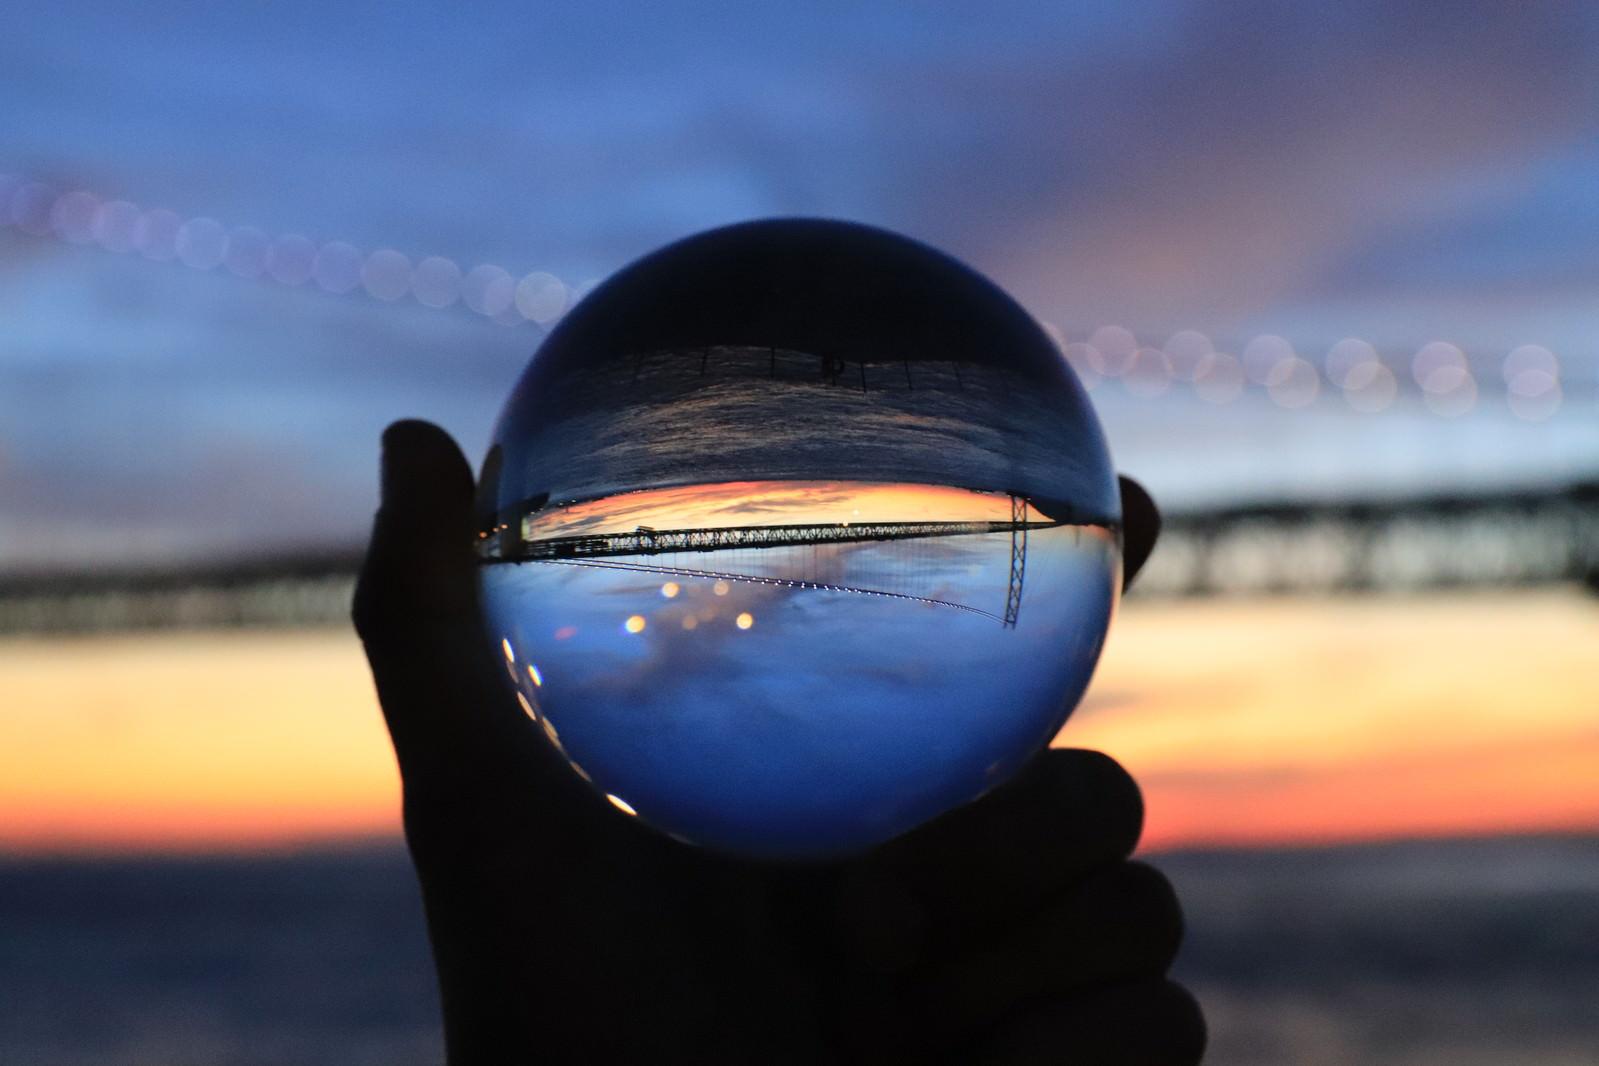 「ガラス玉越しに見た夕焼けと橋」の写真